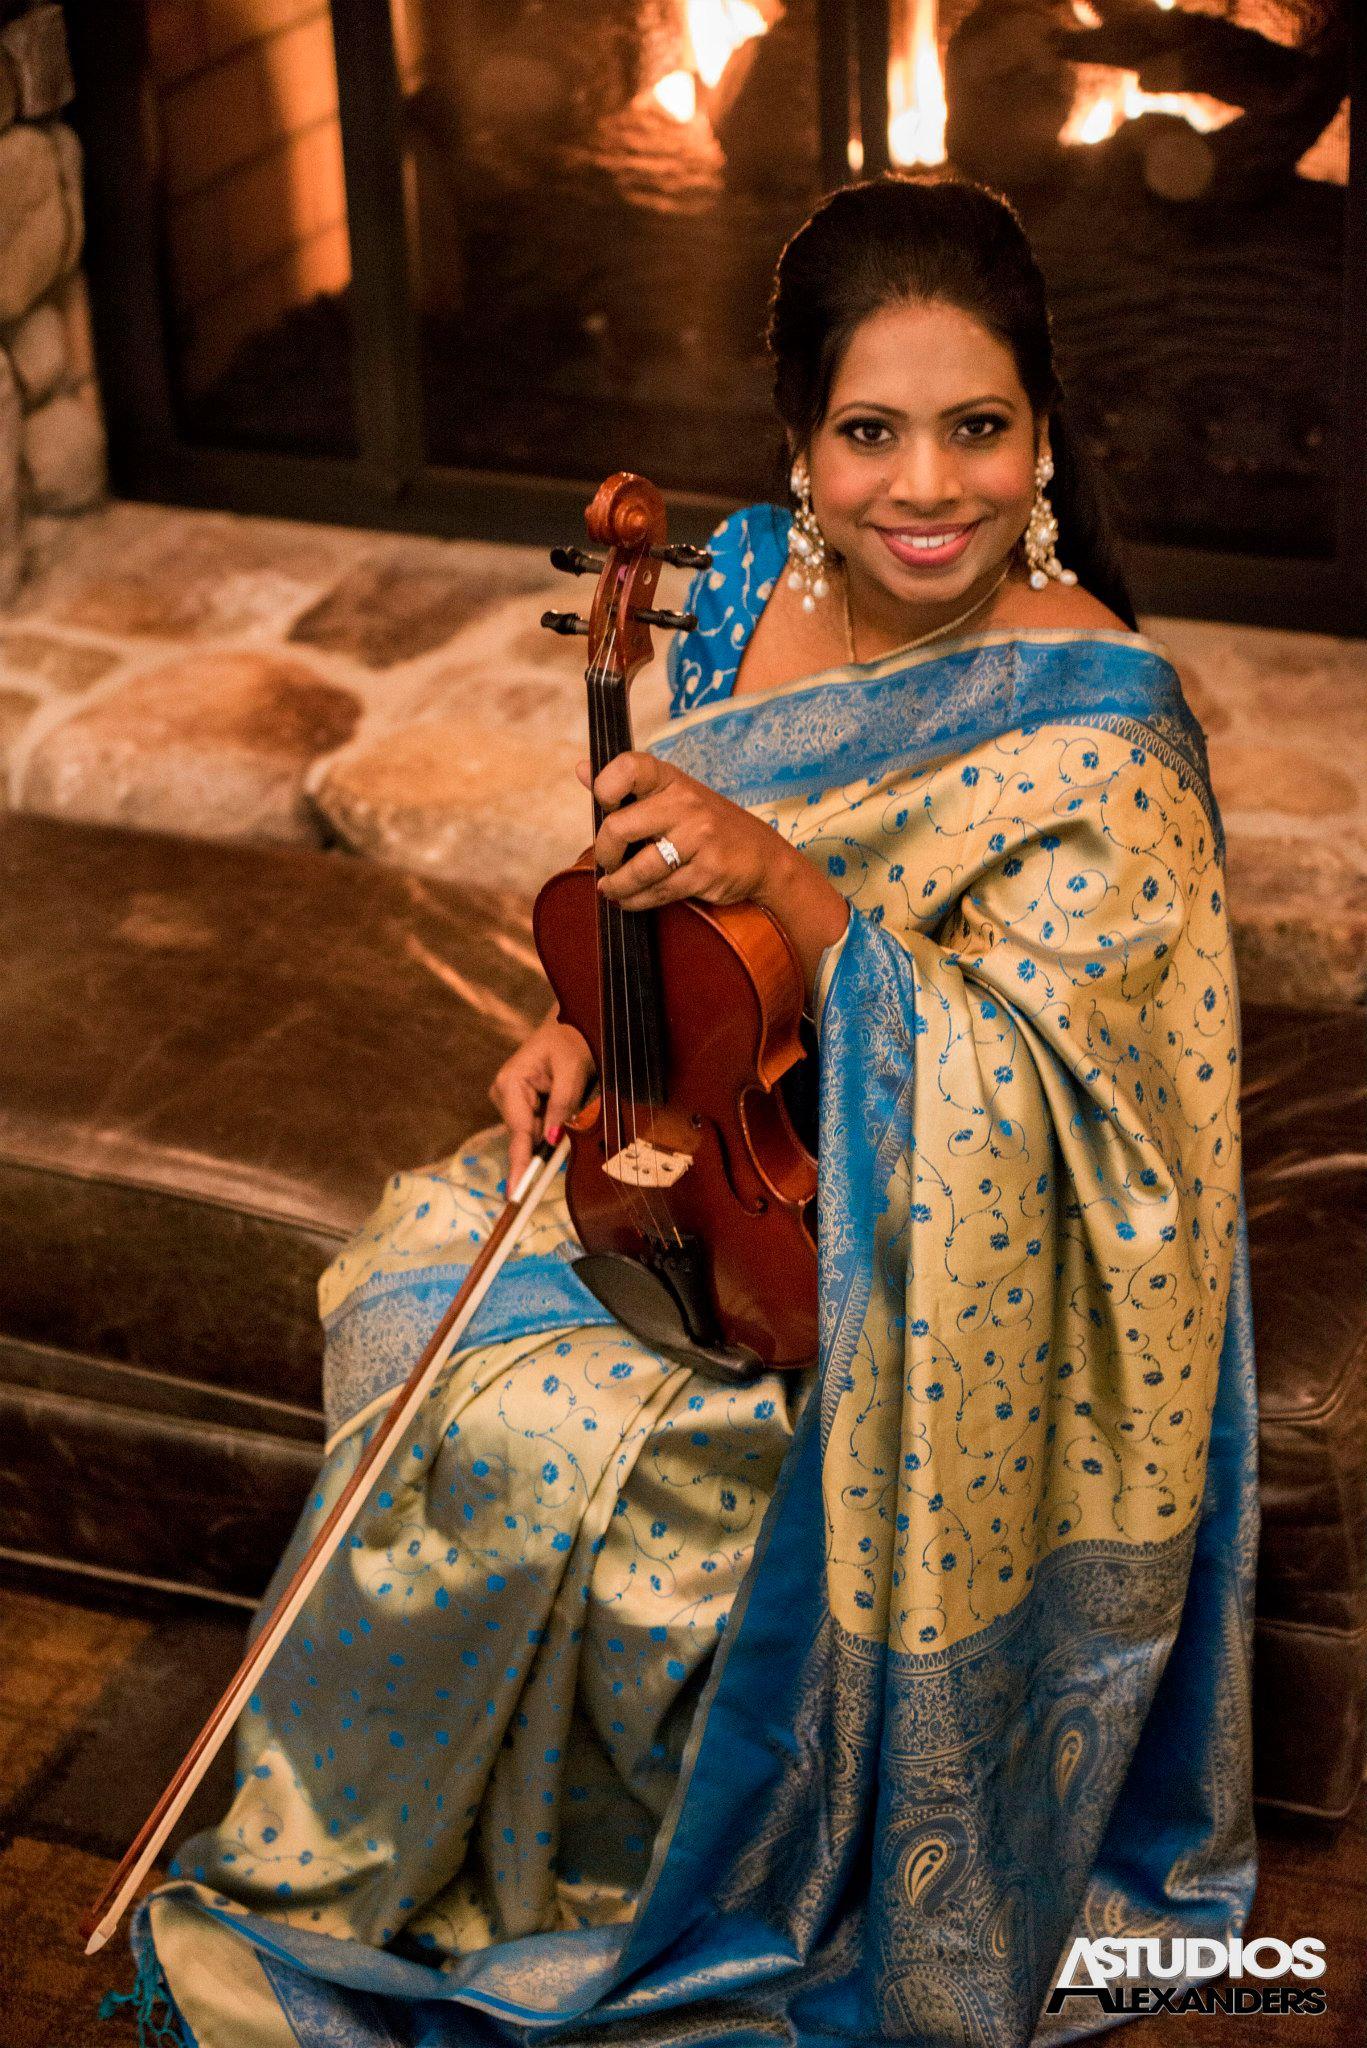 Alexanders Studios - Udeshi Hargett Violinist Shoot 7.jpg